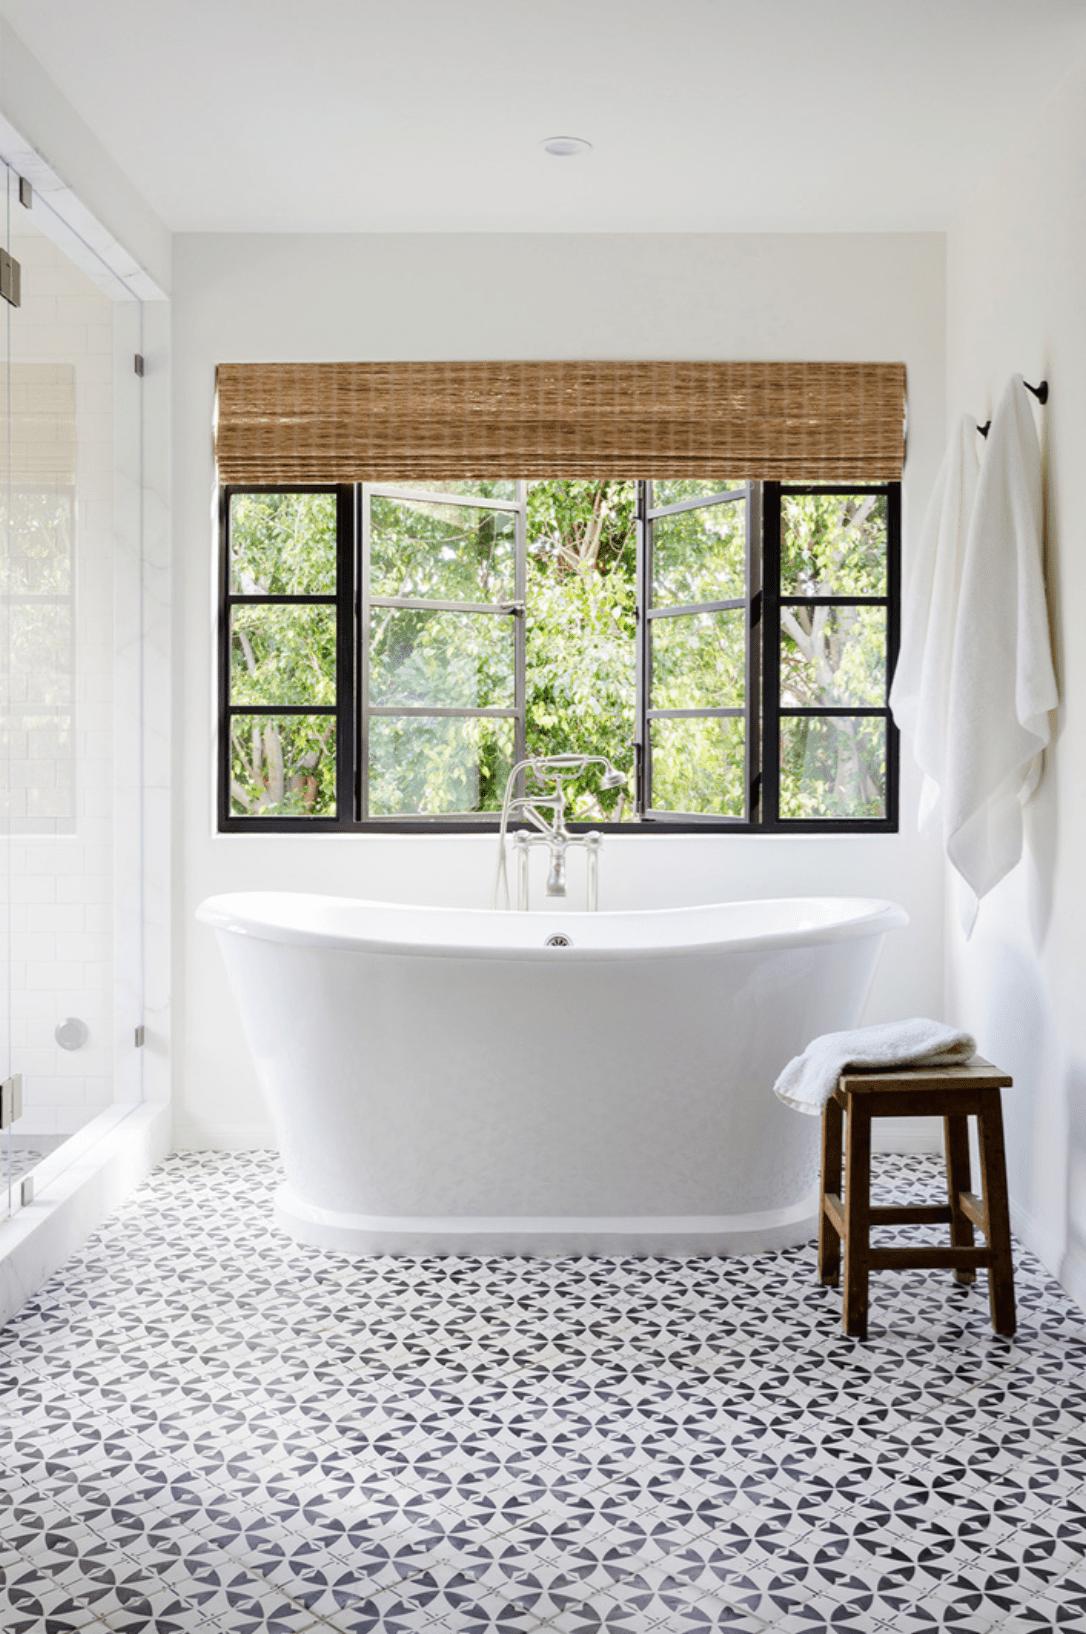 20 Bathroom Floor Tile Ideas For Small Spaces